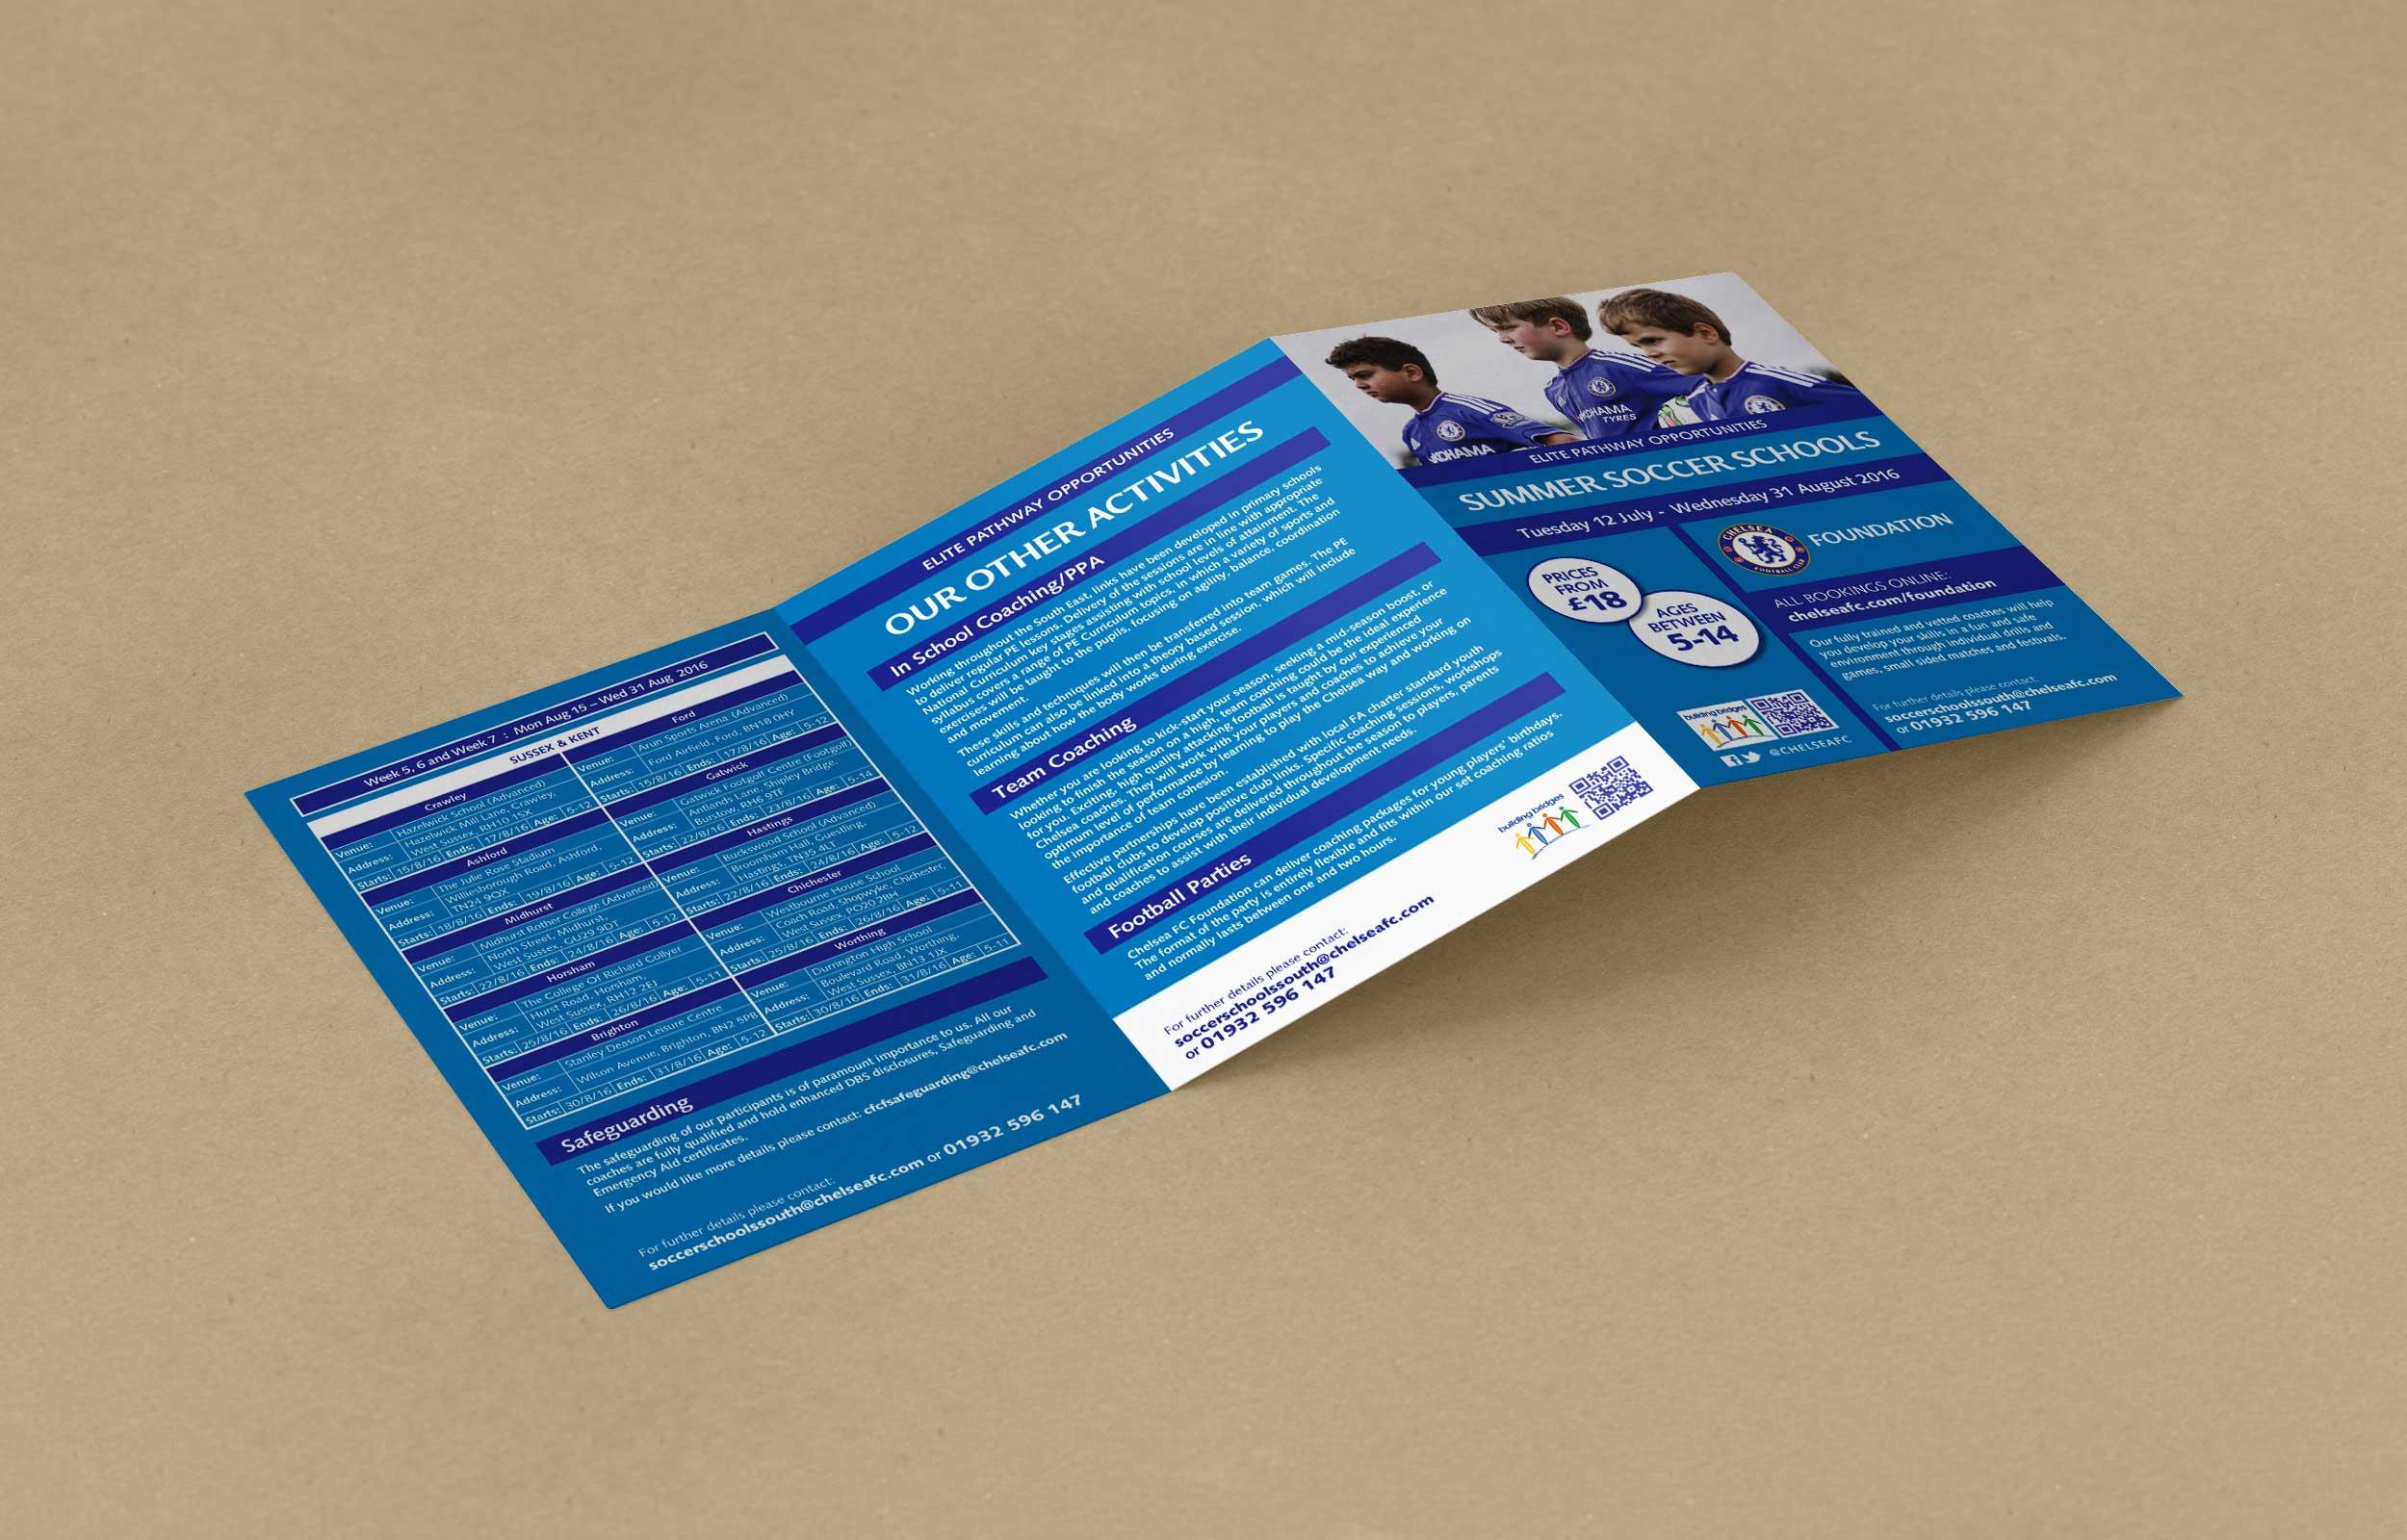 Chelsea-Summer-Soccer-School-Leaflet